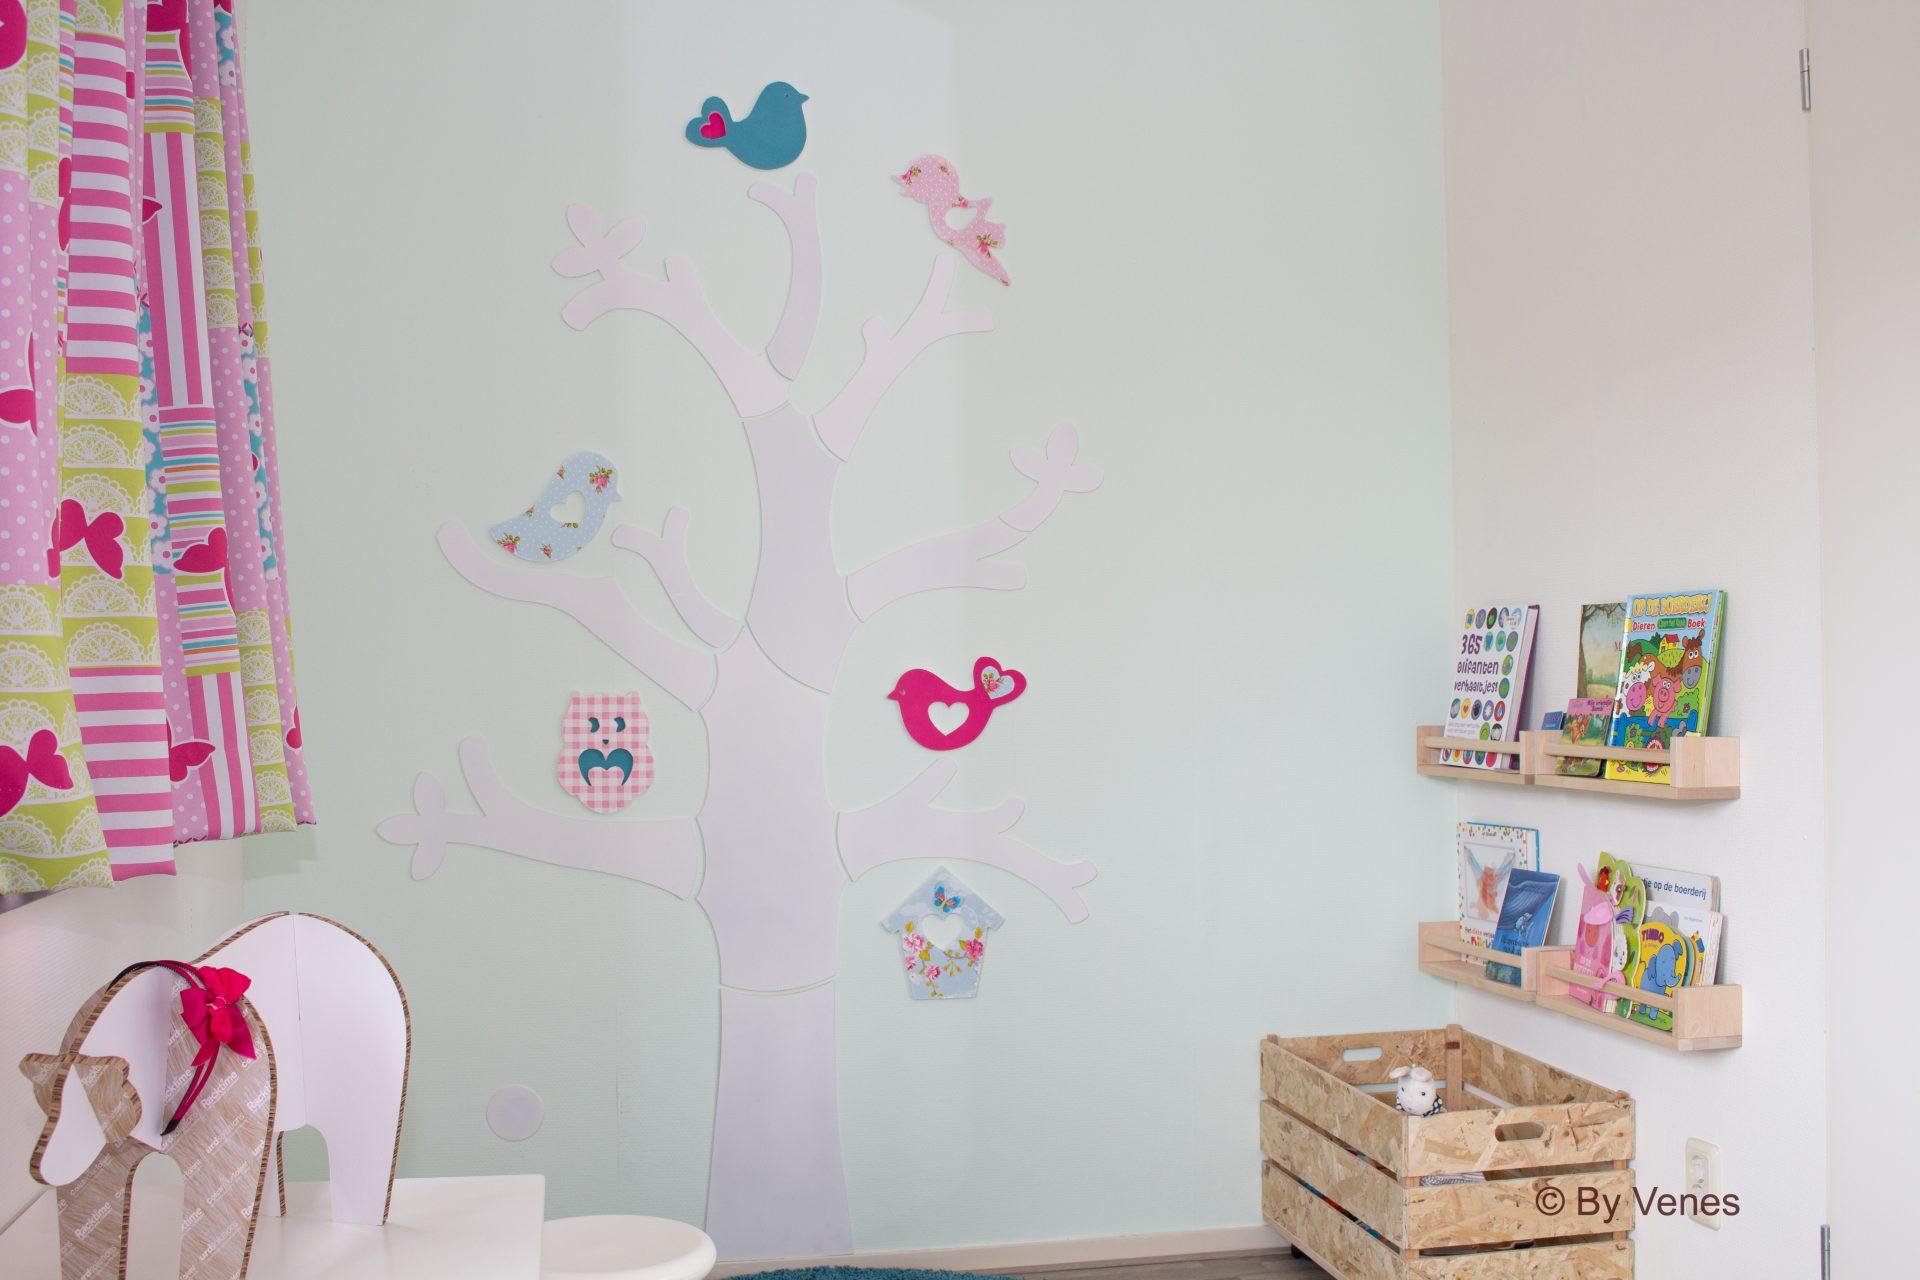 Boekenplank Ikea kruidenrekje Kinderkamer